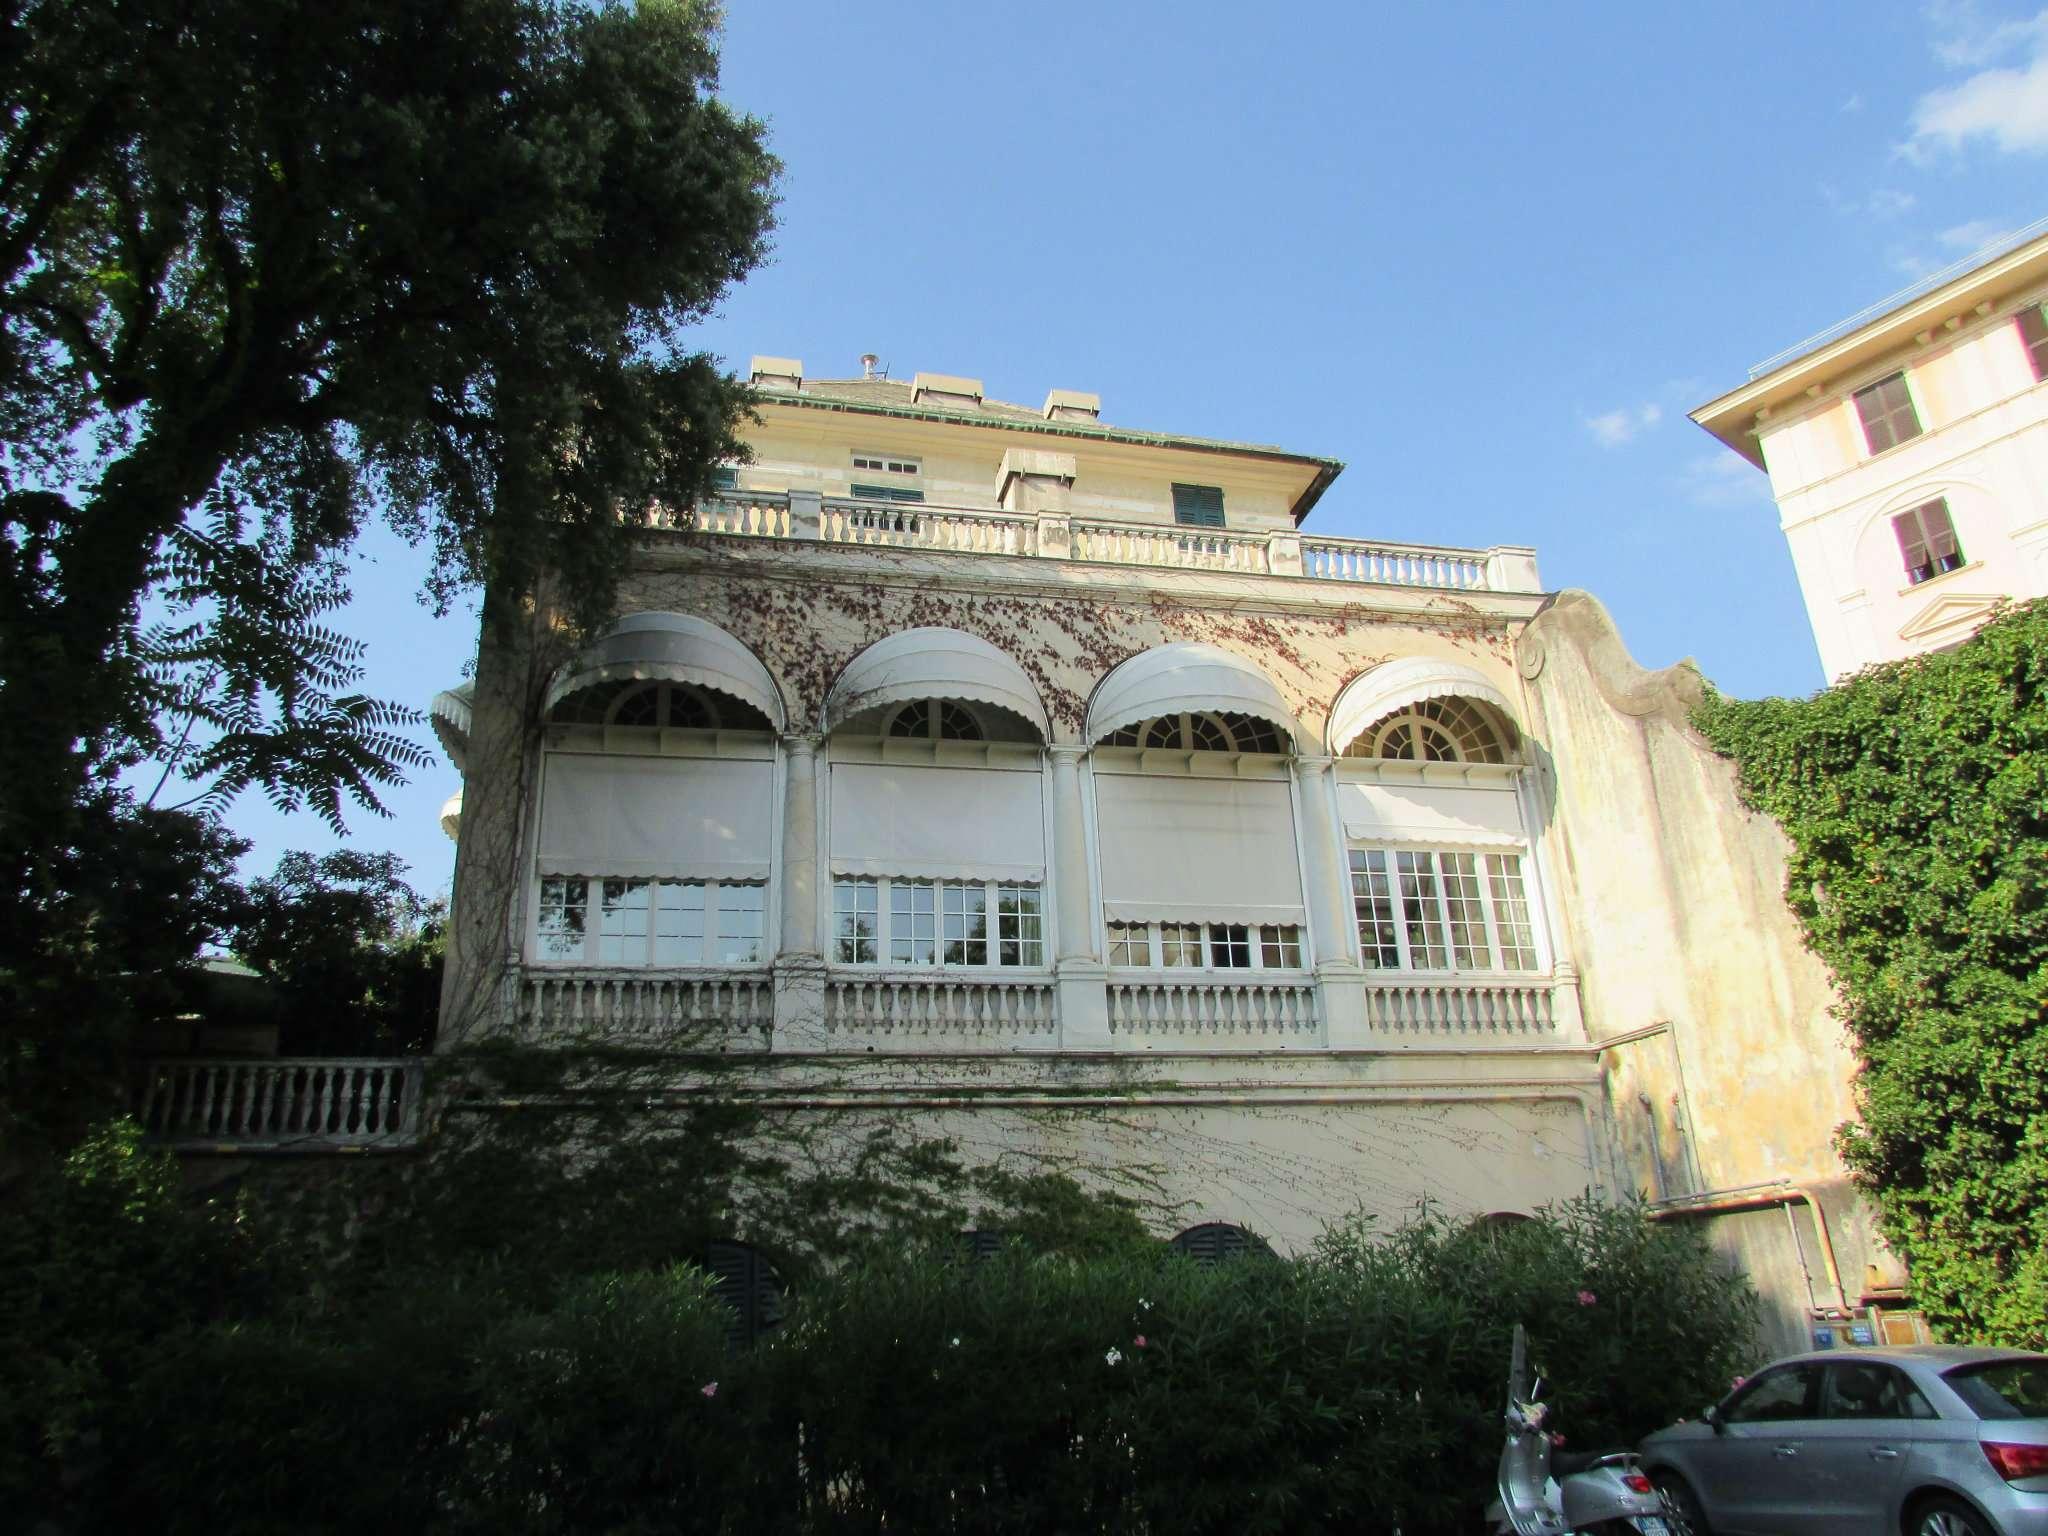 Attico / Mansarda in affitto a Genova, 9999 locali, prezzo € 2.100   Cambio Casa.it